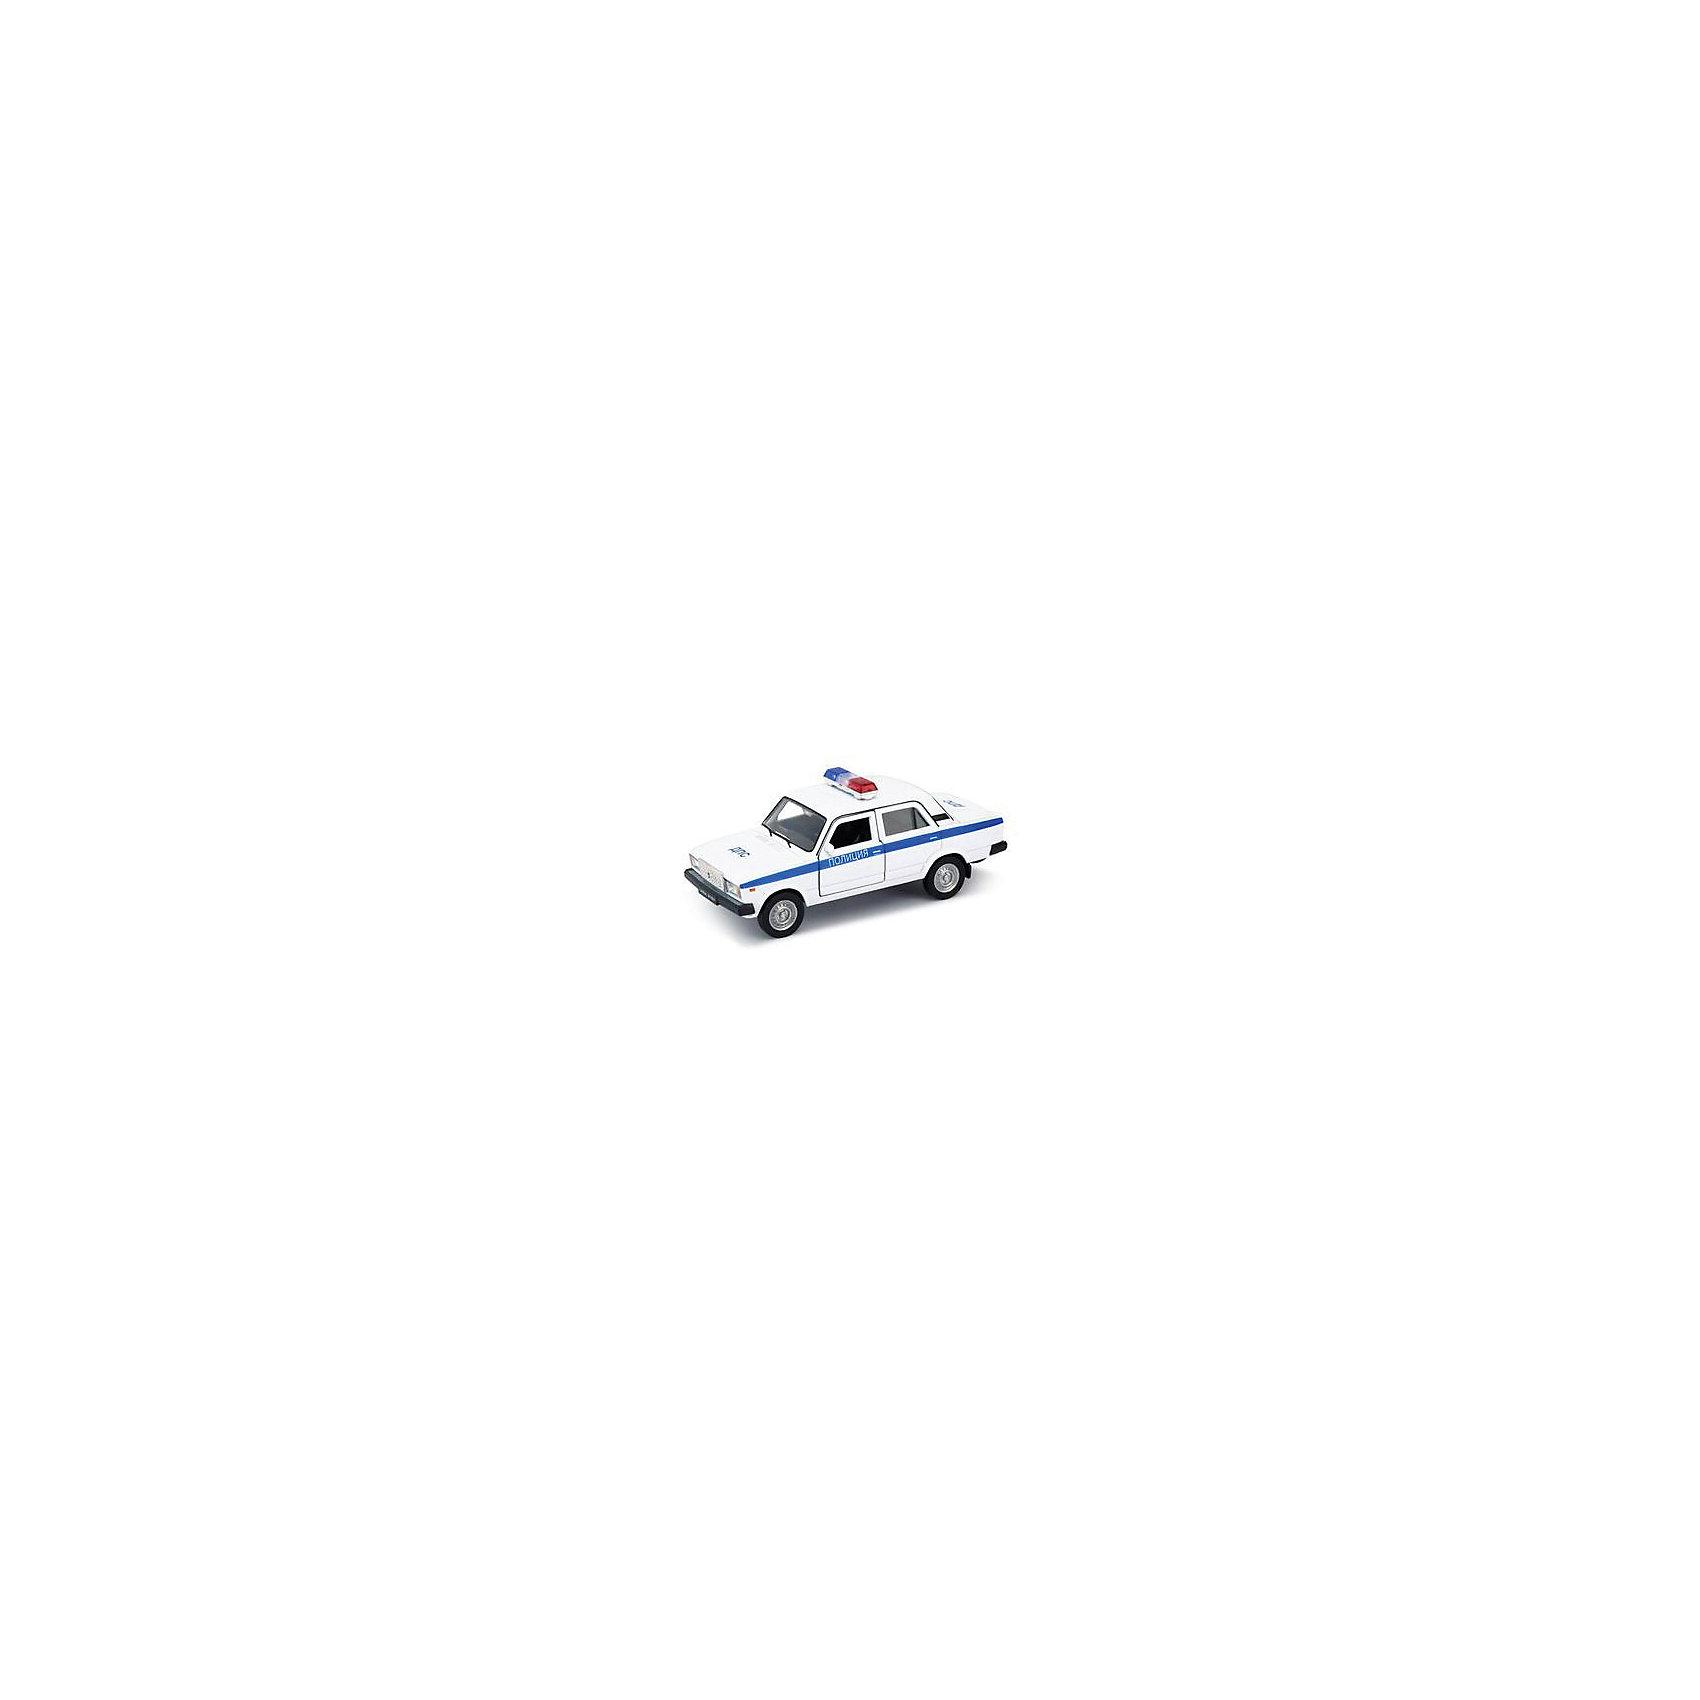 Модель машины  1:34-39 LADA 2107 ПОЛИЦИЯ, WellyКоллекционные модели<br>Коллекционная модель машины Welly  1:34-39 LADA 2107 ПОЛИЦИЯ.<br>Цвет кузова автомобиля представлен в ассортименте. Выбрать определенный цвет заранее не представляется возможным.<br><br>Ширина мм: 60<br>Глубина мм: 115<br>Высота мм: 145<br>Вес г: 167<br>Возраст от месяцев: 36<br>Возраст до месяцев: 192<br>Пол: Мужской<br>Возраст: Детский<br>SKU: 4966530